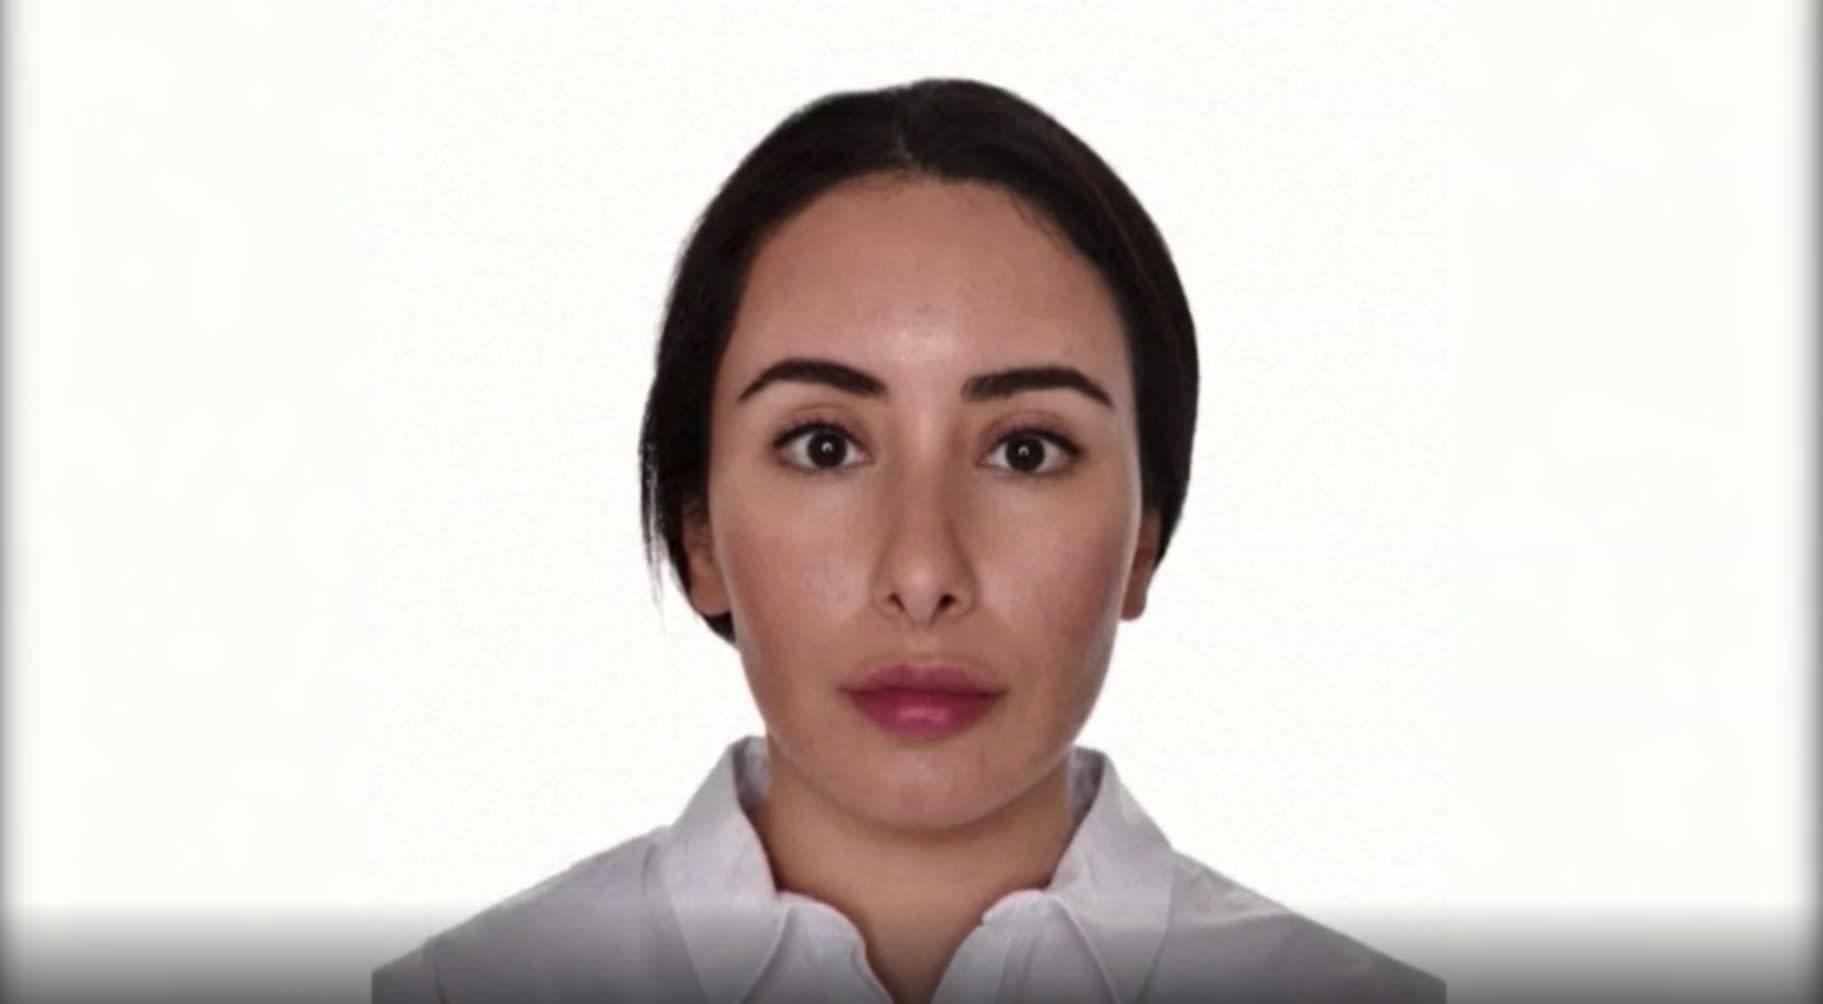 """الشرطة البريطانية تؤكد لـCNN استلام رسالة من الشيخة لطيفة تناشدهم التحقيق في """"اختطاف"""" شقيقتها شمسة منذ 21 عاما"""